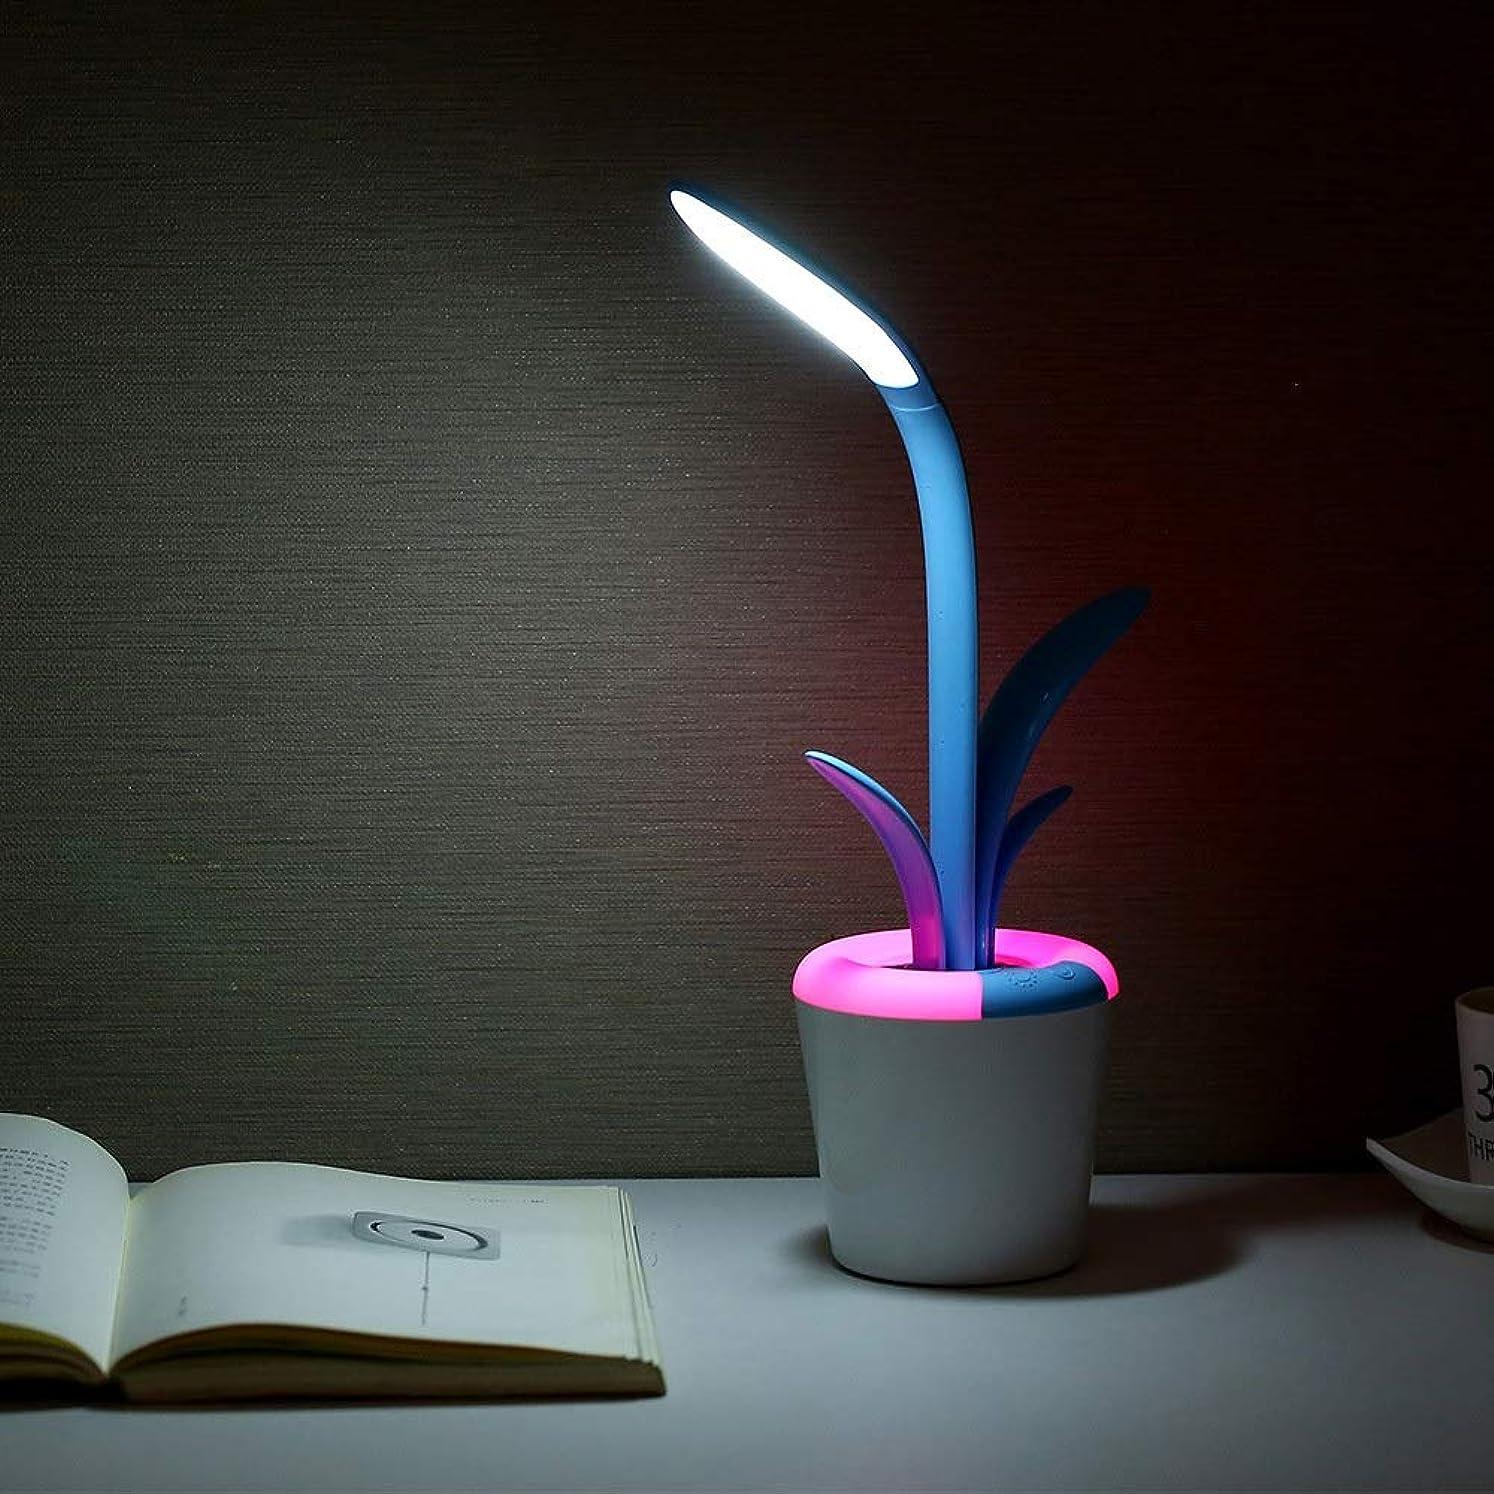 強調する感嘆符ベアリングサークルパーフェクト Cliviaテーブルランプソフトライトアイプロテクションデスクランプ雰囲気ランプUsbナイトライトクリエイティブLEDランプ ホーム (色 : Blue)